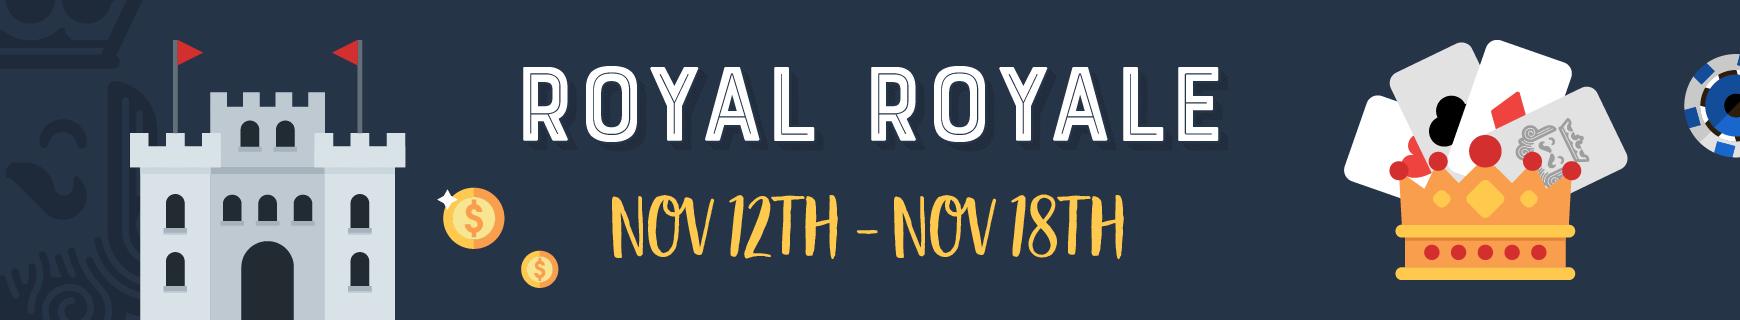 Royal royale %28870 x 160%29 2x